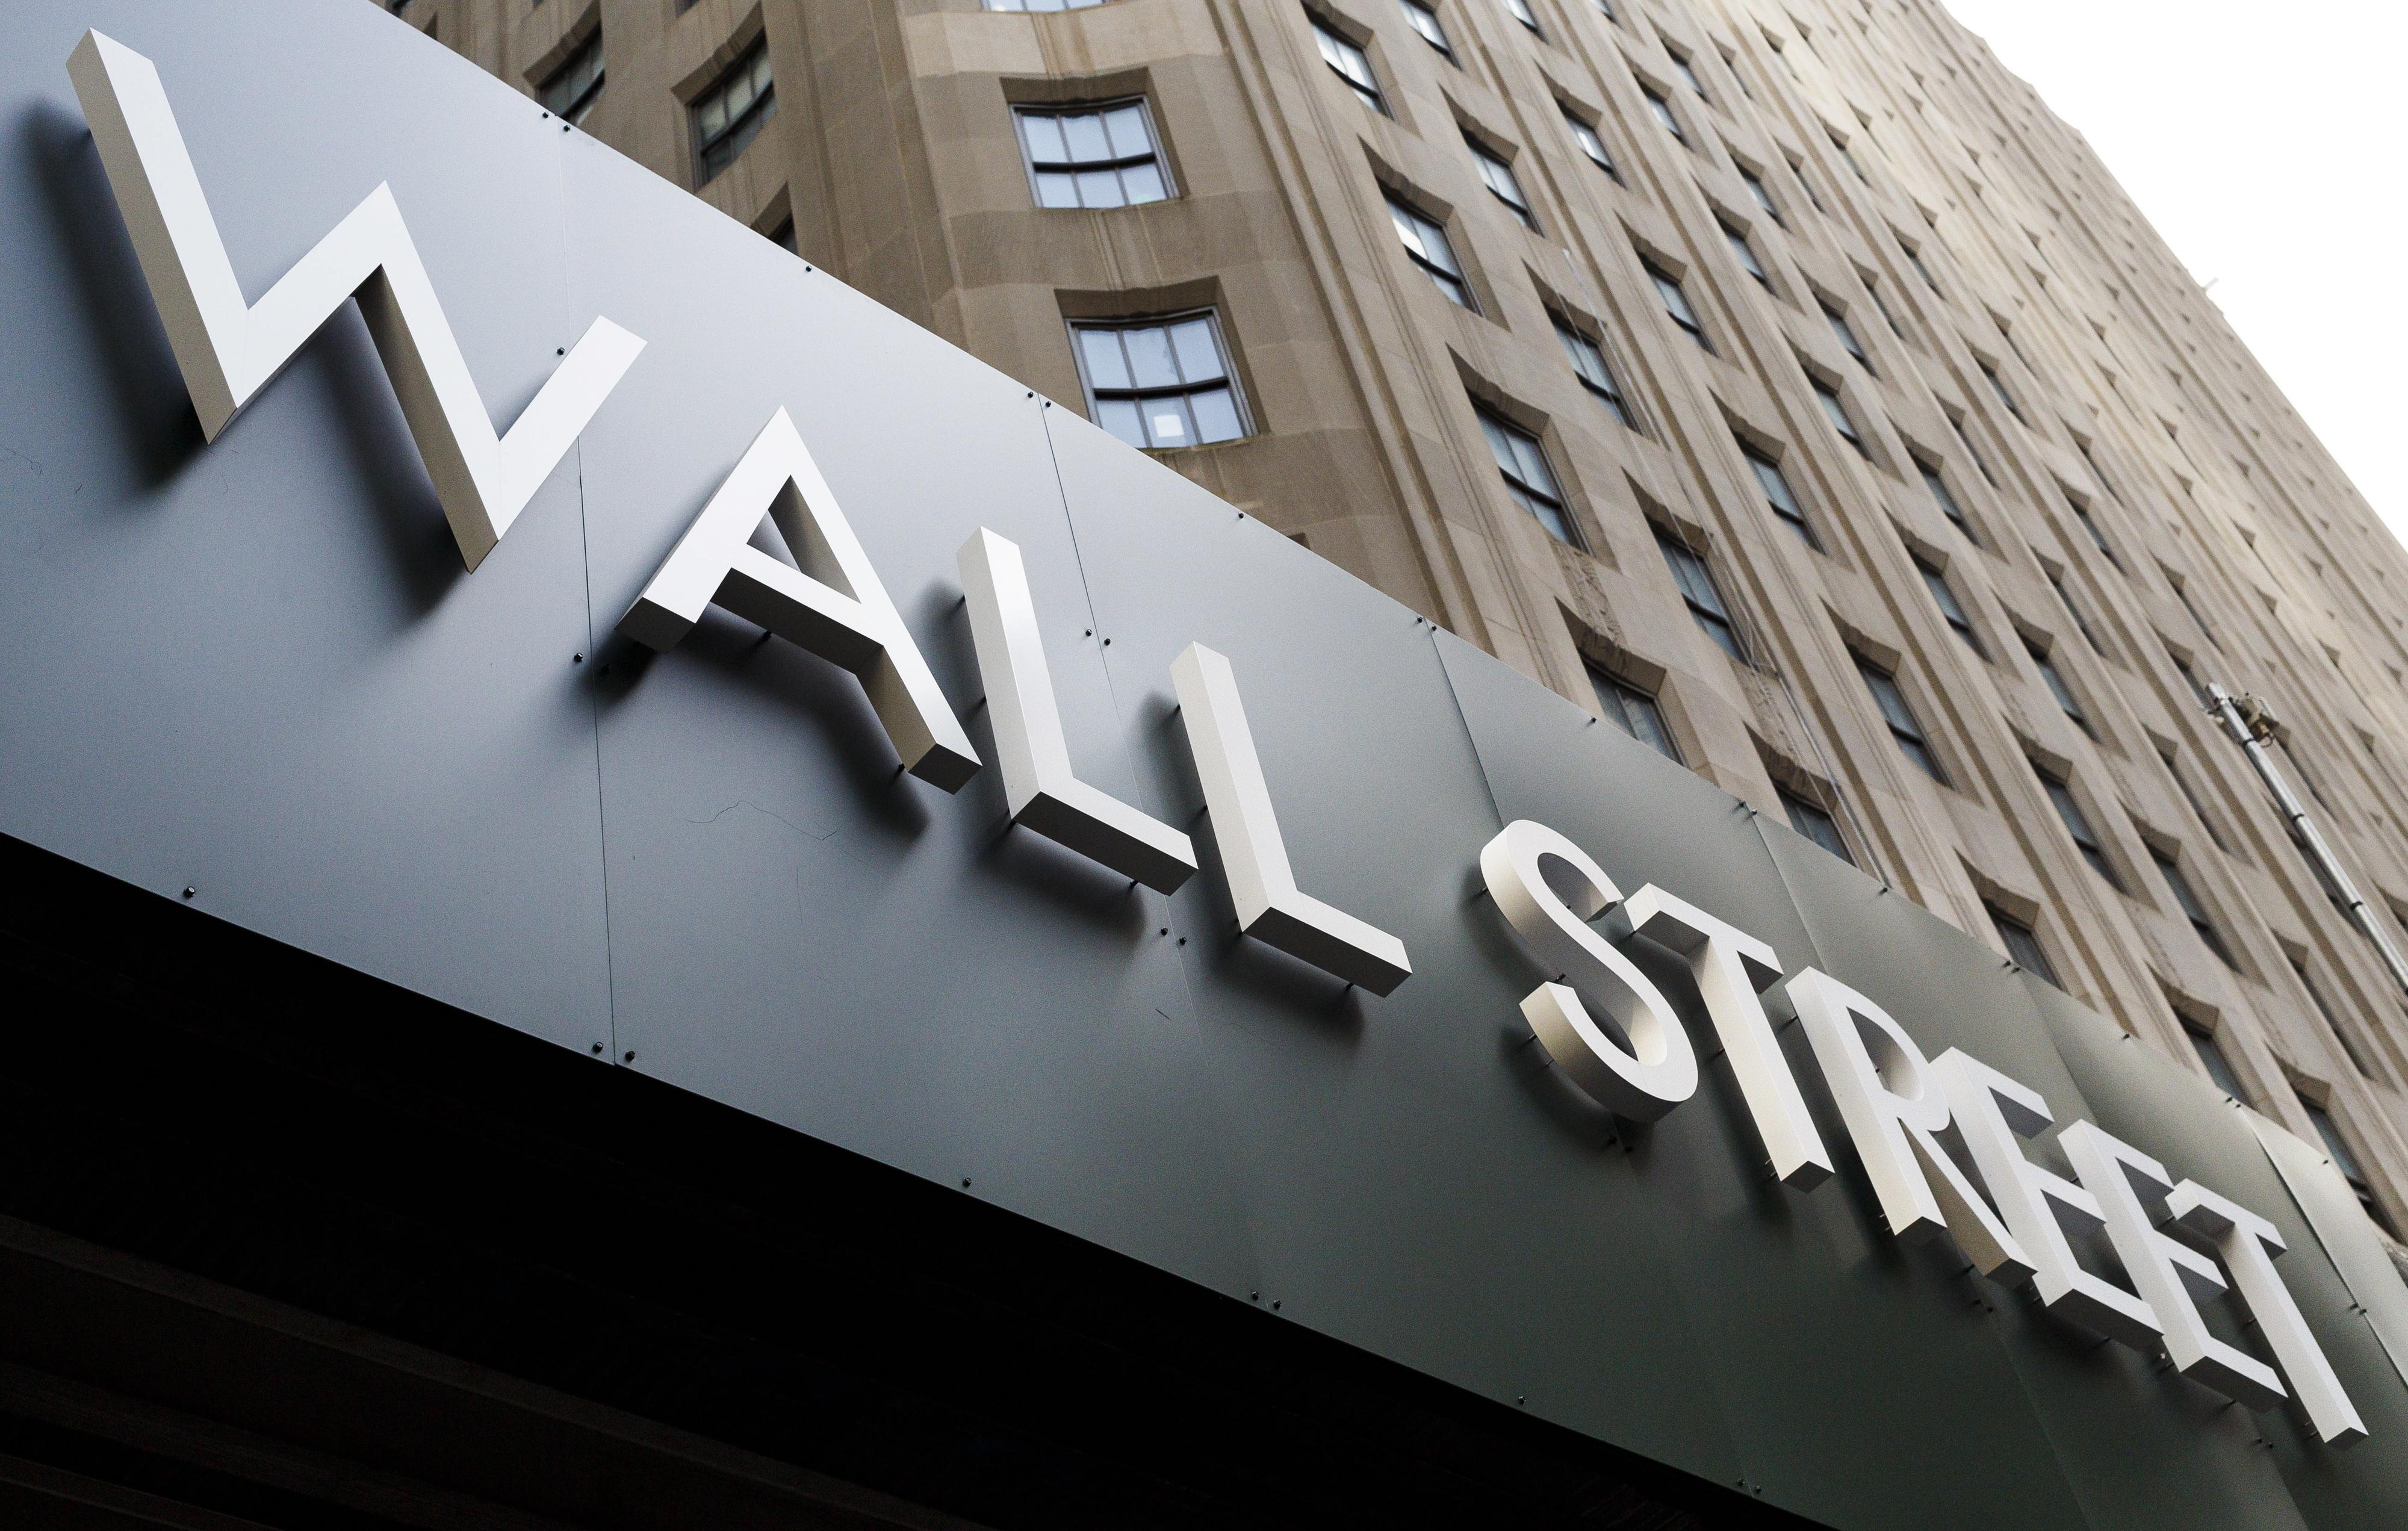 Nova Iorque negoceia no vermelho à espera das minutas da Fed